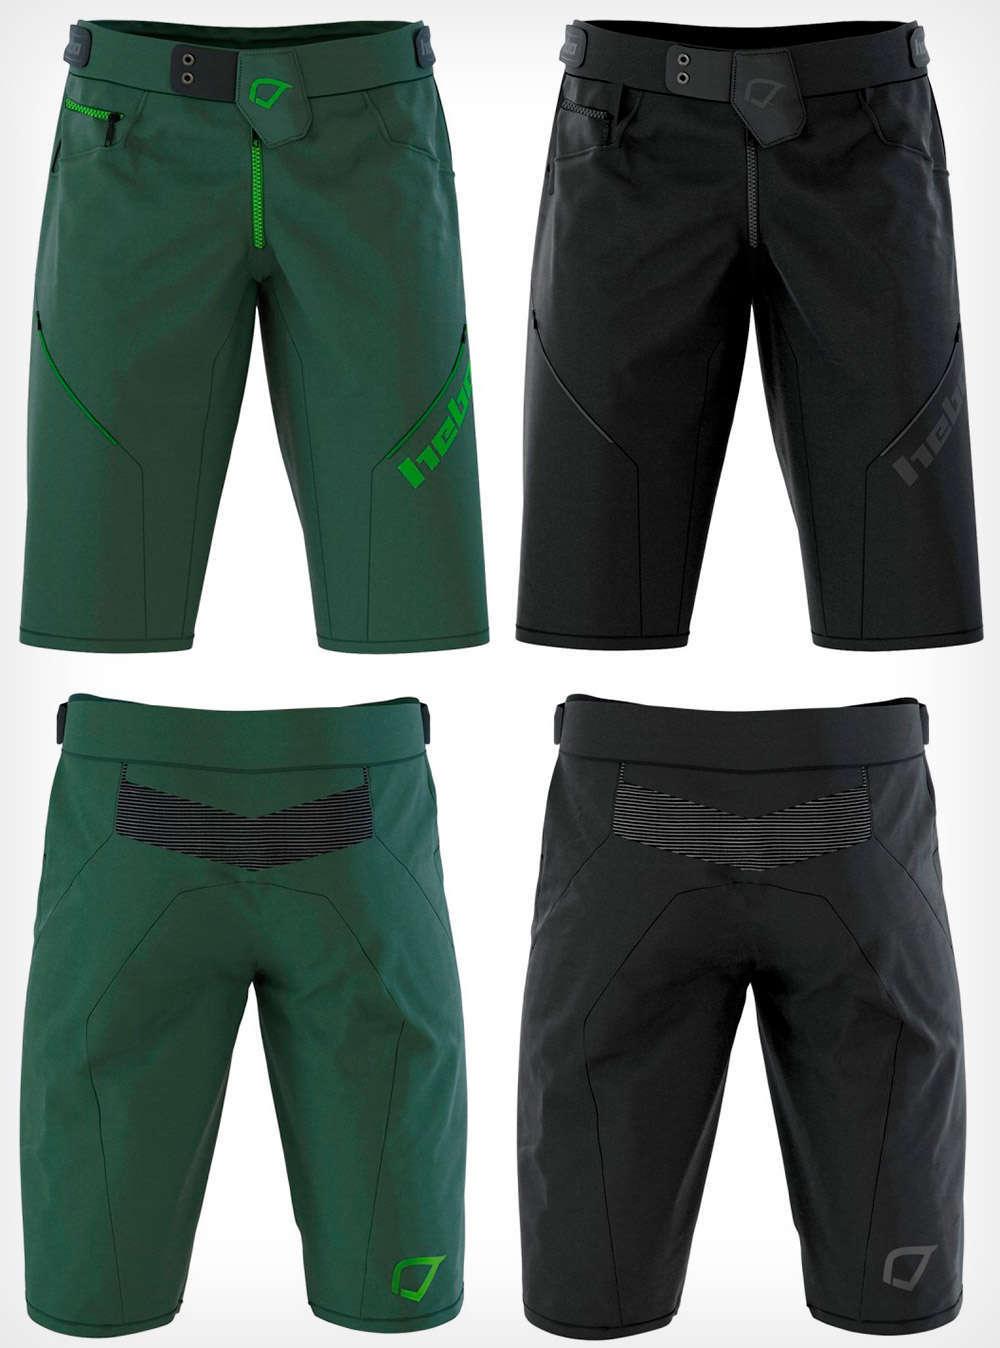 En TodoMountainBike: Hebo Level Series: camisetas y pantalones para llevar sobre la bicicleta y en el día a día